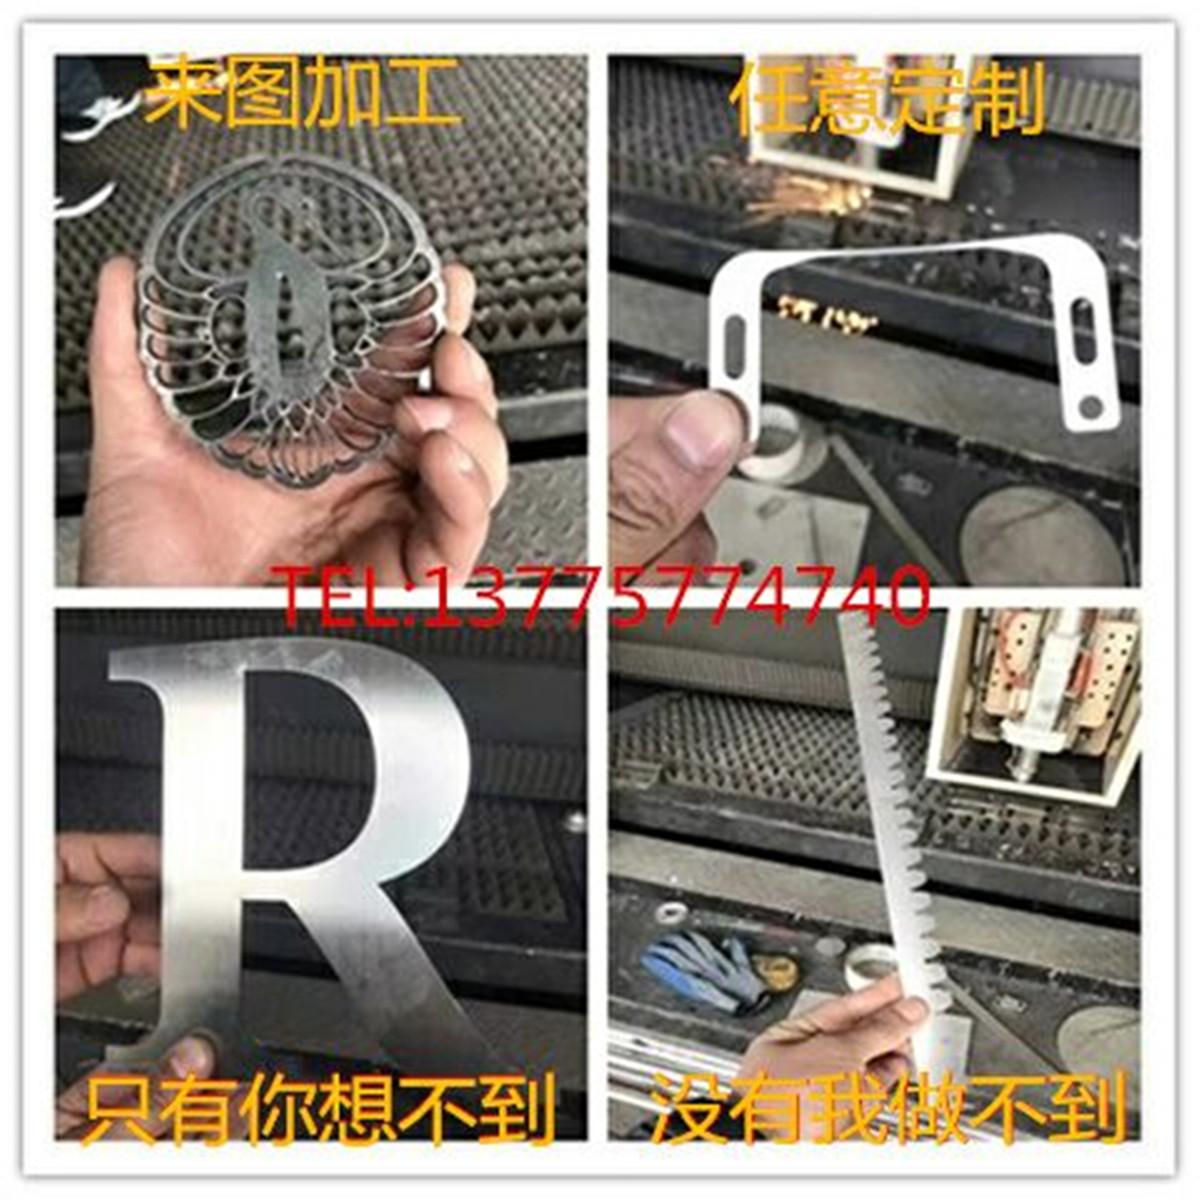 Нержавеющая сталь 304 панель Лазерная резка обработка листового металла обычная сгибающая сварка нержавеющая сталь панель Измельчение материала с нулевым проводом панель